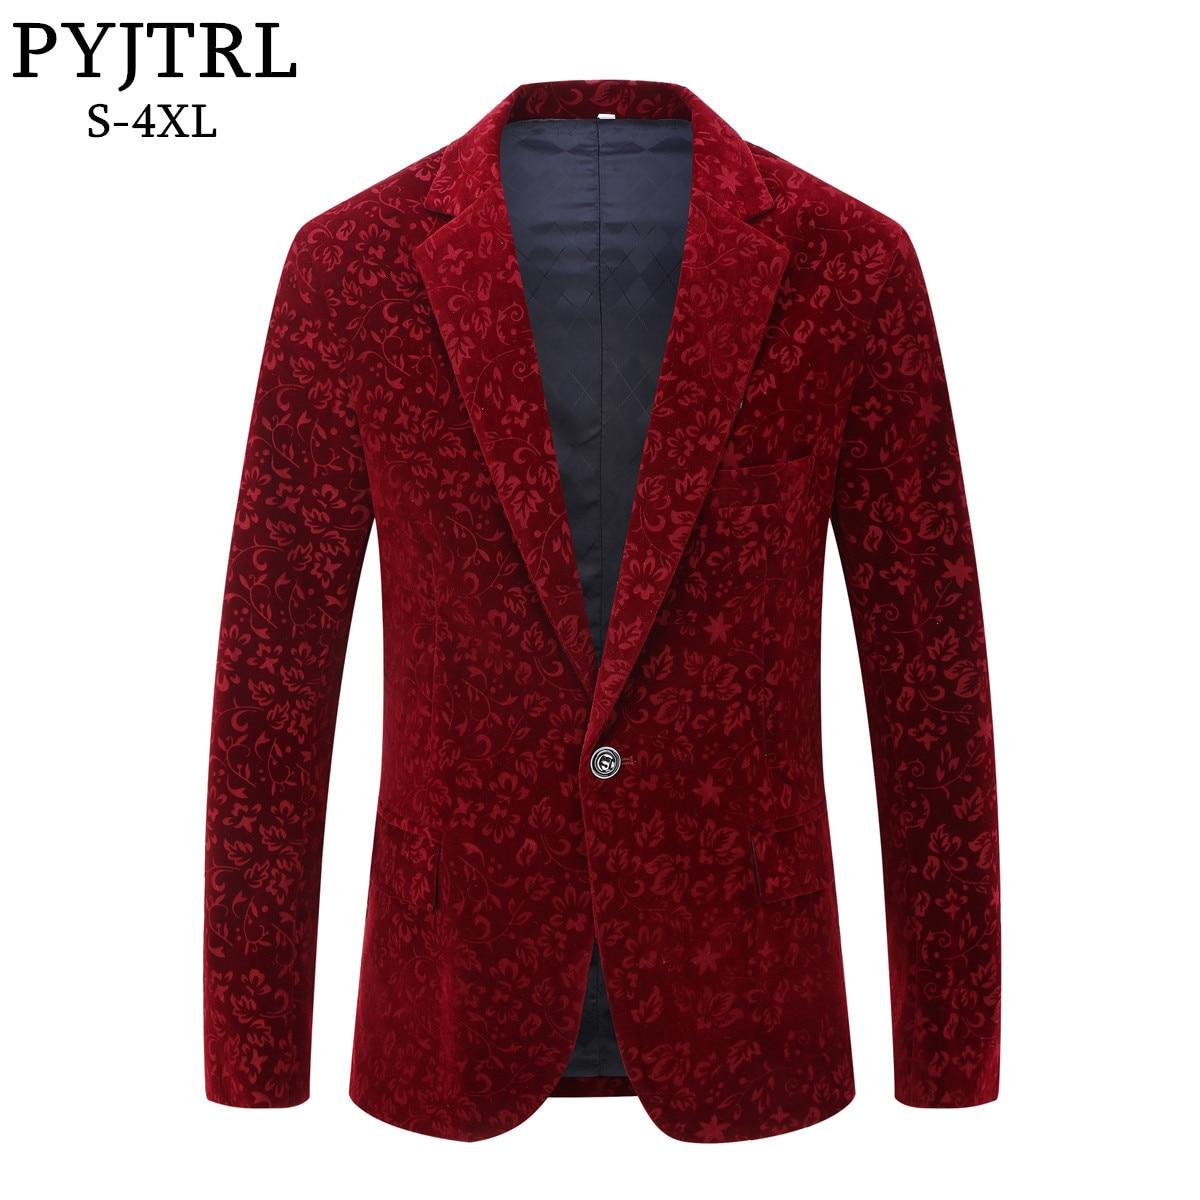 PYJTRL Männer Herbst Winter Wine Red Velvet Blumendruck Hochzeitsanzug Jacke Slim Fit Blazer Designs Bühnenkostüme Für Sänger